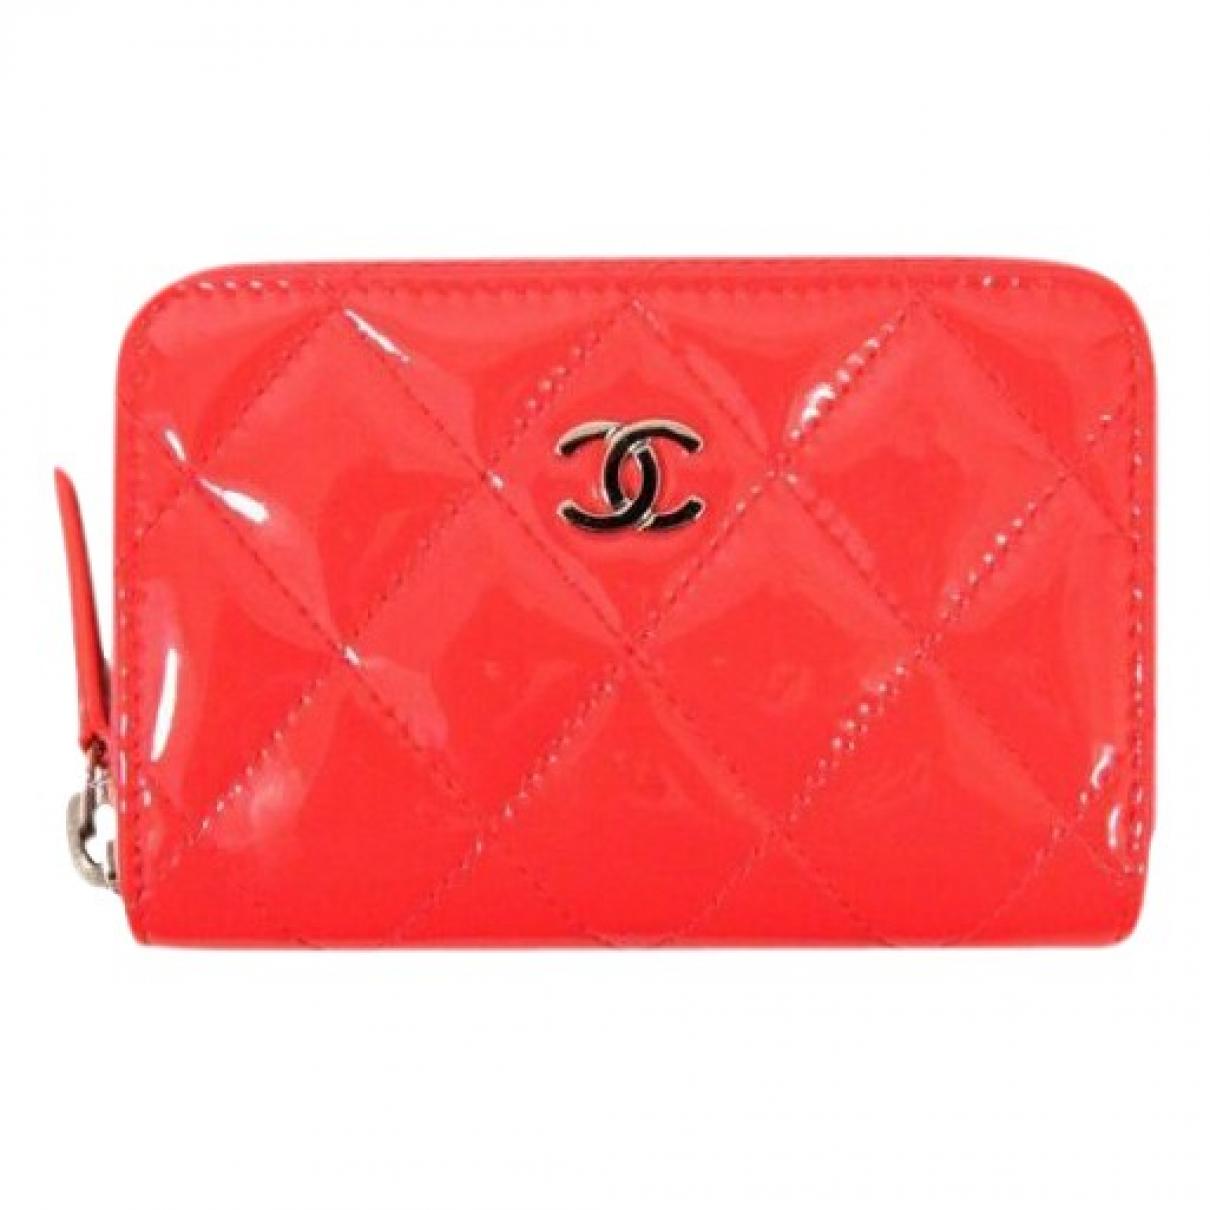 Chanel - Petite maroquinerie   pour femme en cuir verni - rose